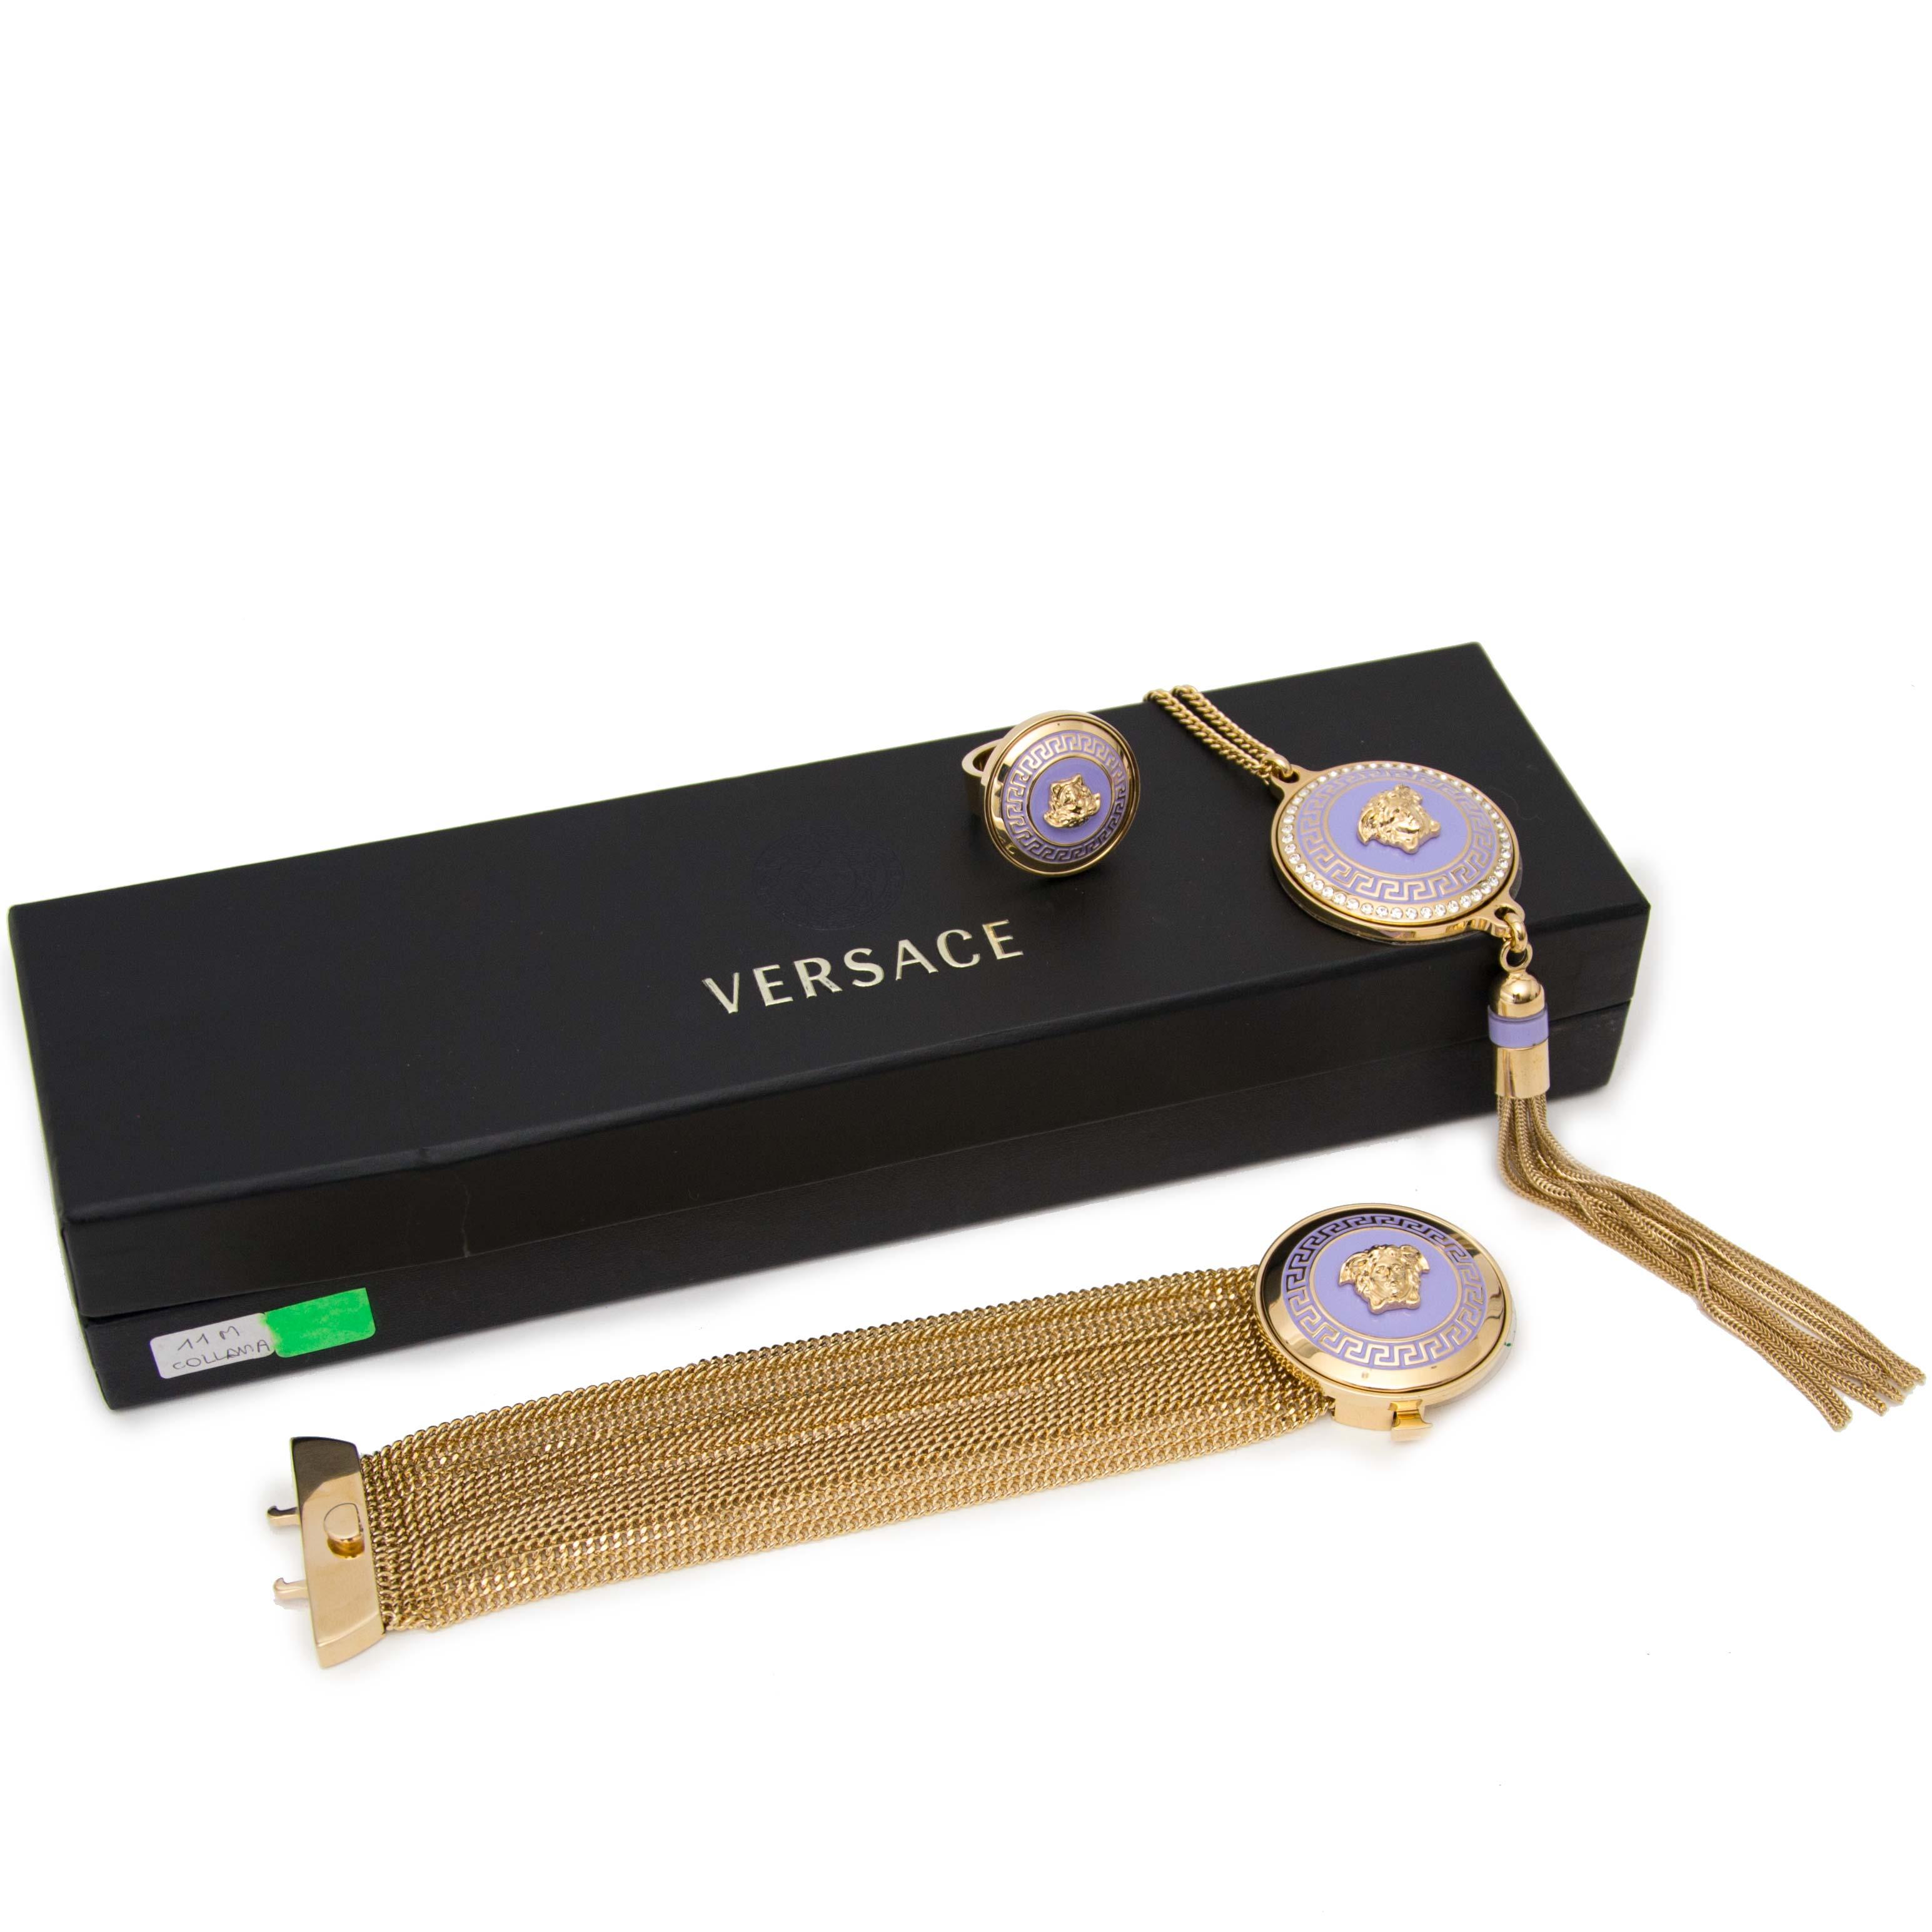 shop safe online secondhand Versace Necklace, Bracelet & Ring Medusa Head Set